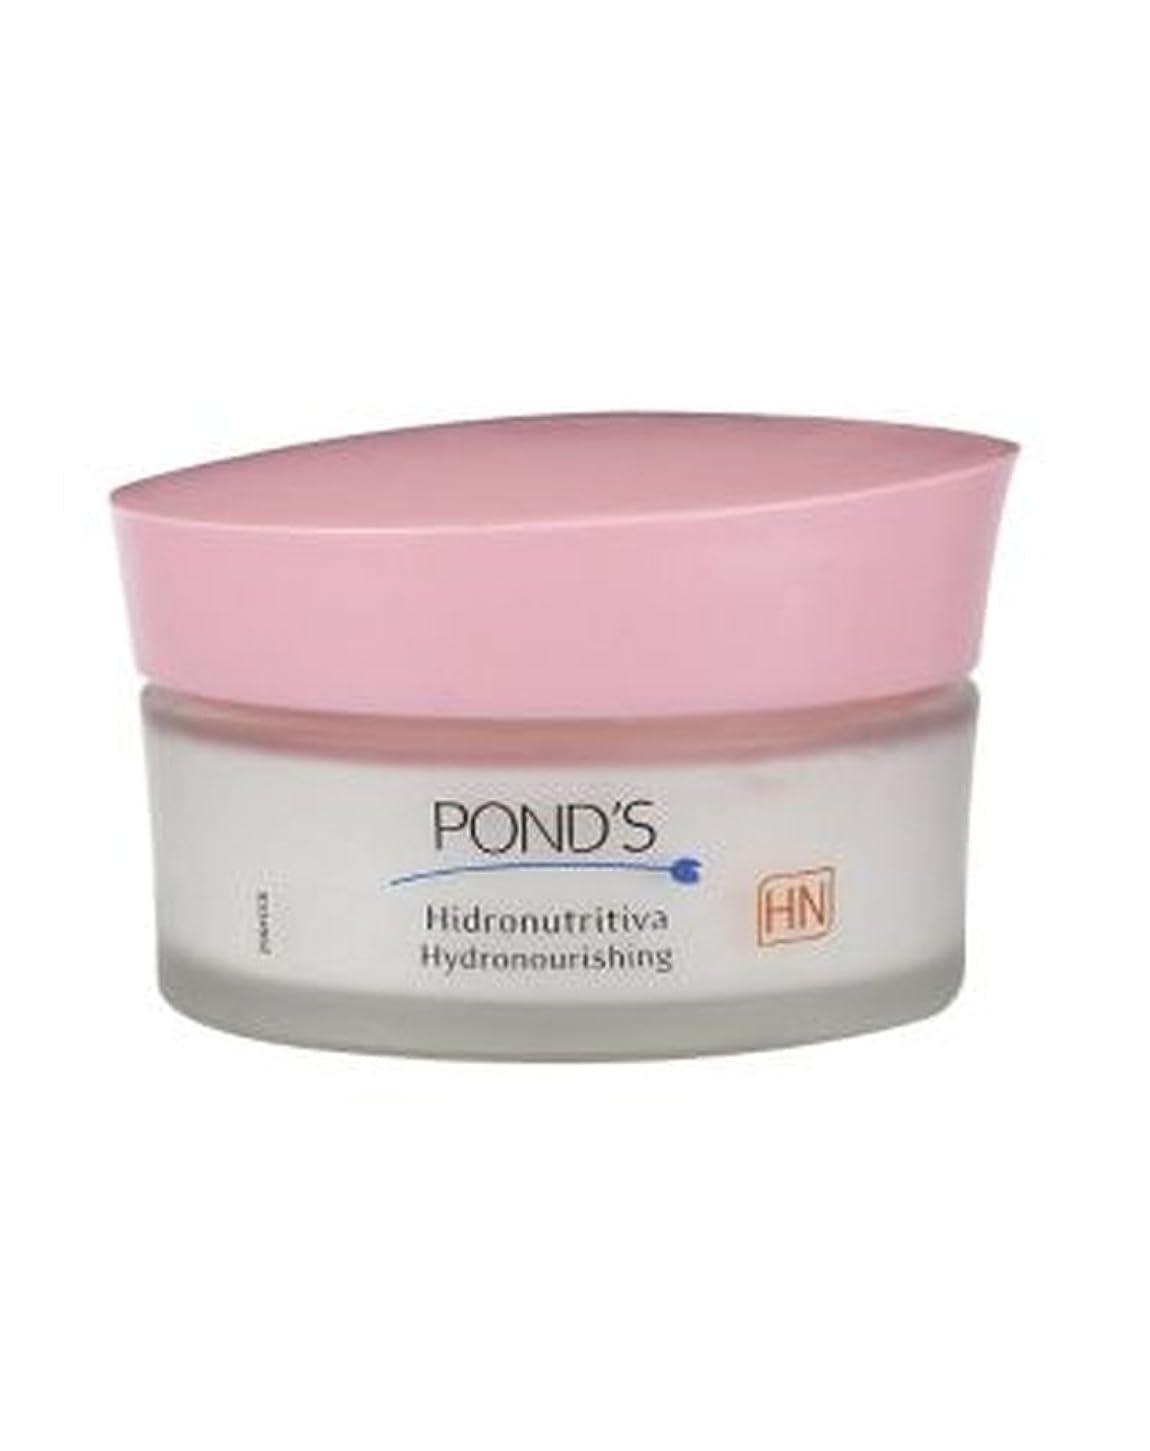 エッセイ以上回路Ponds Nourishing Anti-wrinkle Cream 50ml - アンチリンクルクリーム50ミリリットル栄養池 (Ponds) [並行輸入品]